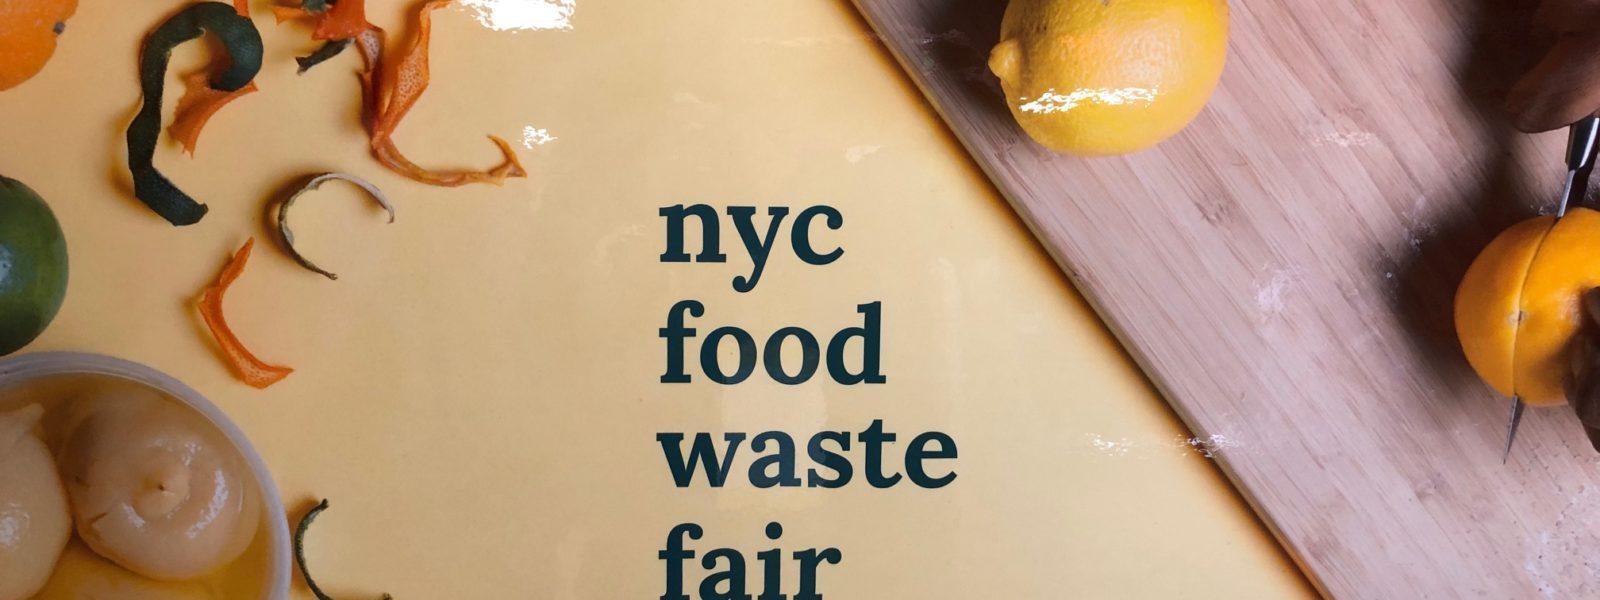 NYC Food Waste Fair sign.